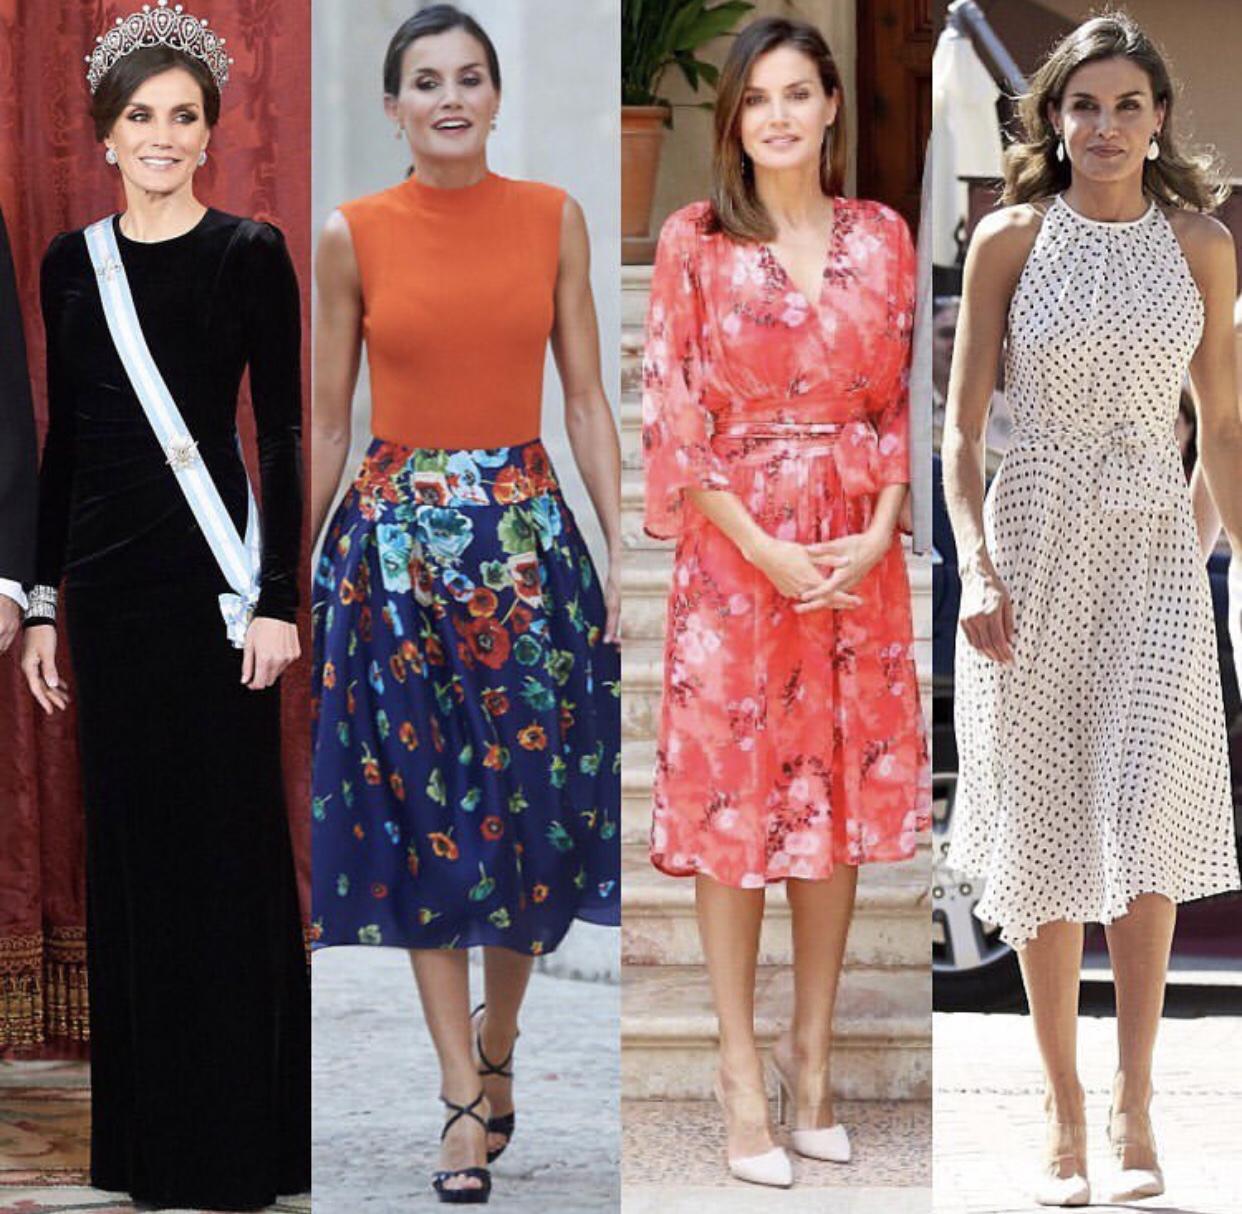 欧洲老肥熟女_欧洲王室第一美西班牙王后告诉你:熟女浪漫起来更迷人!